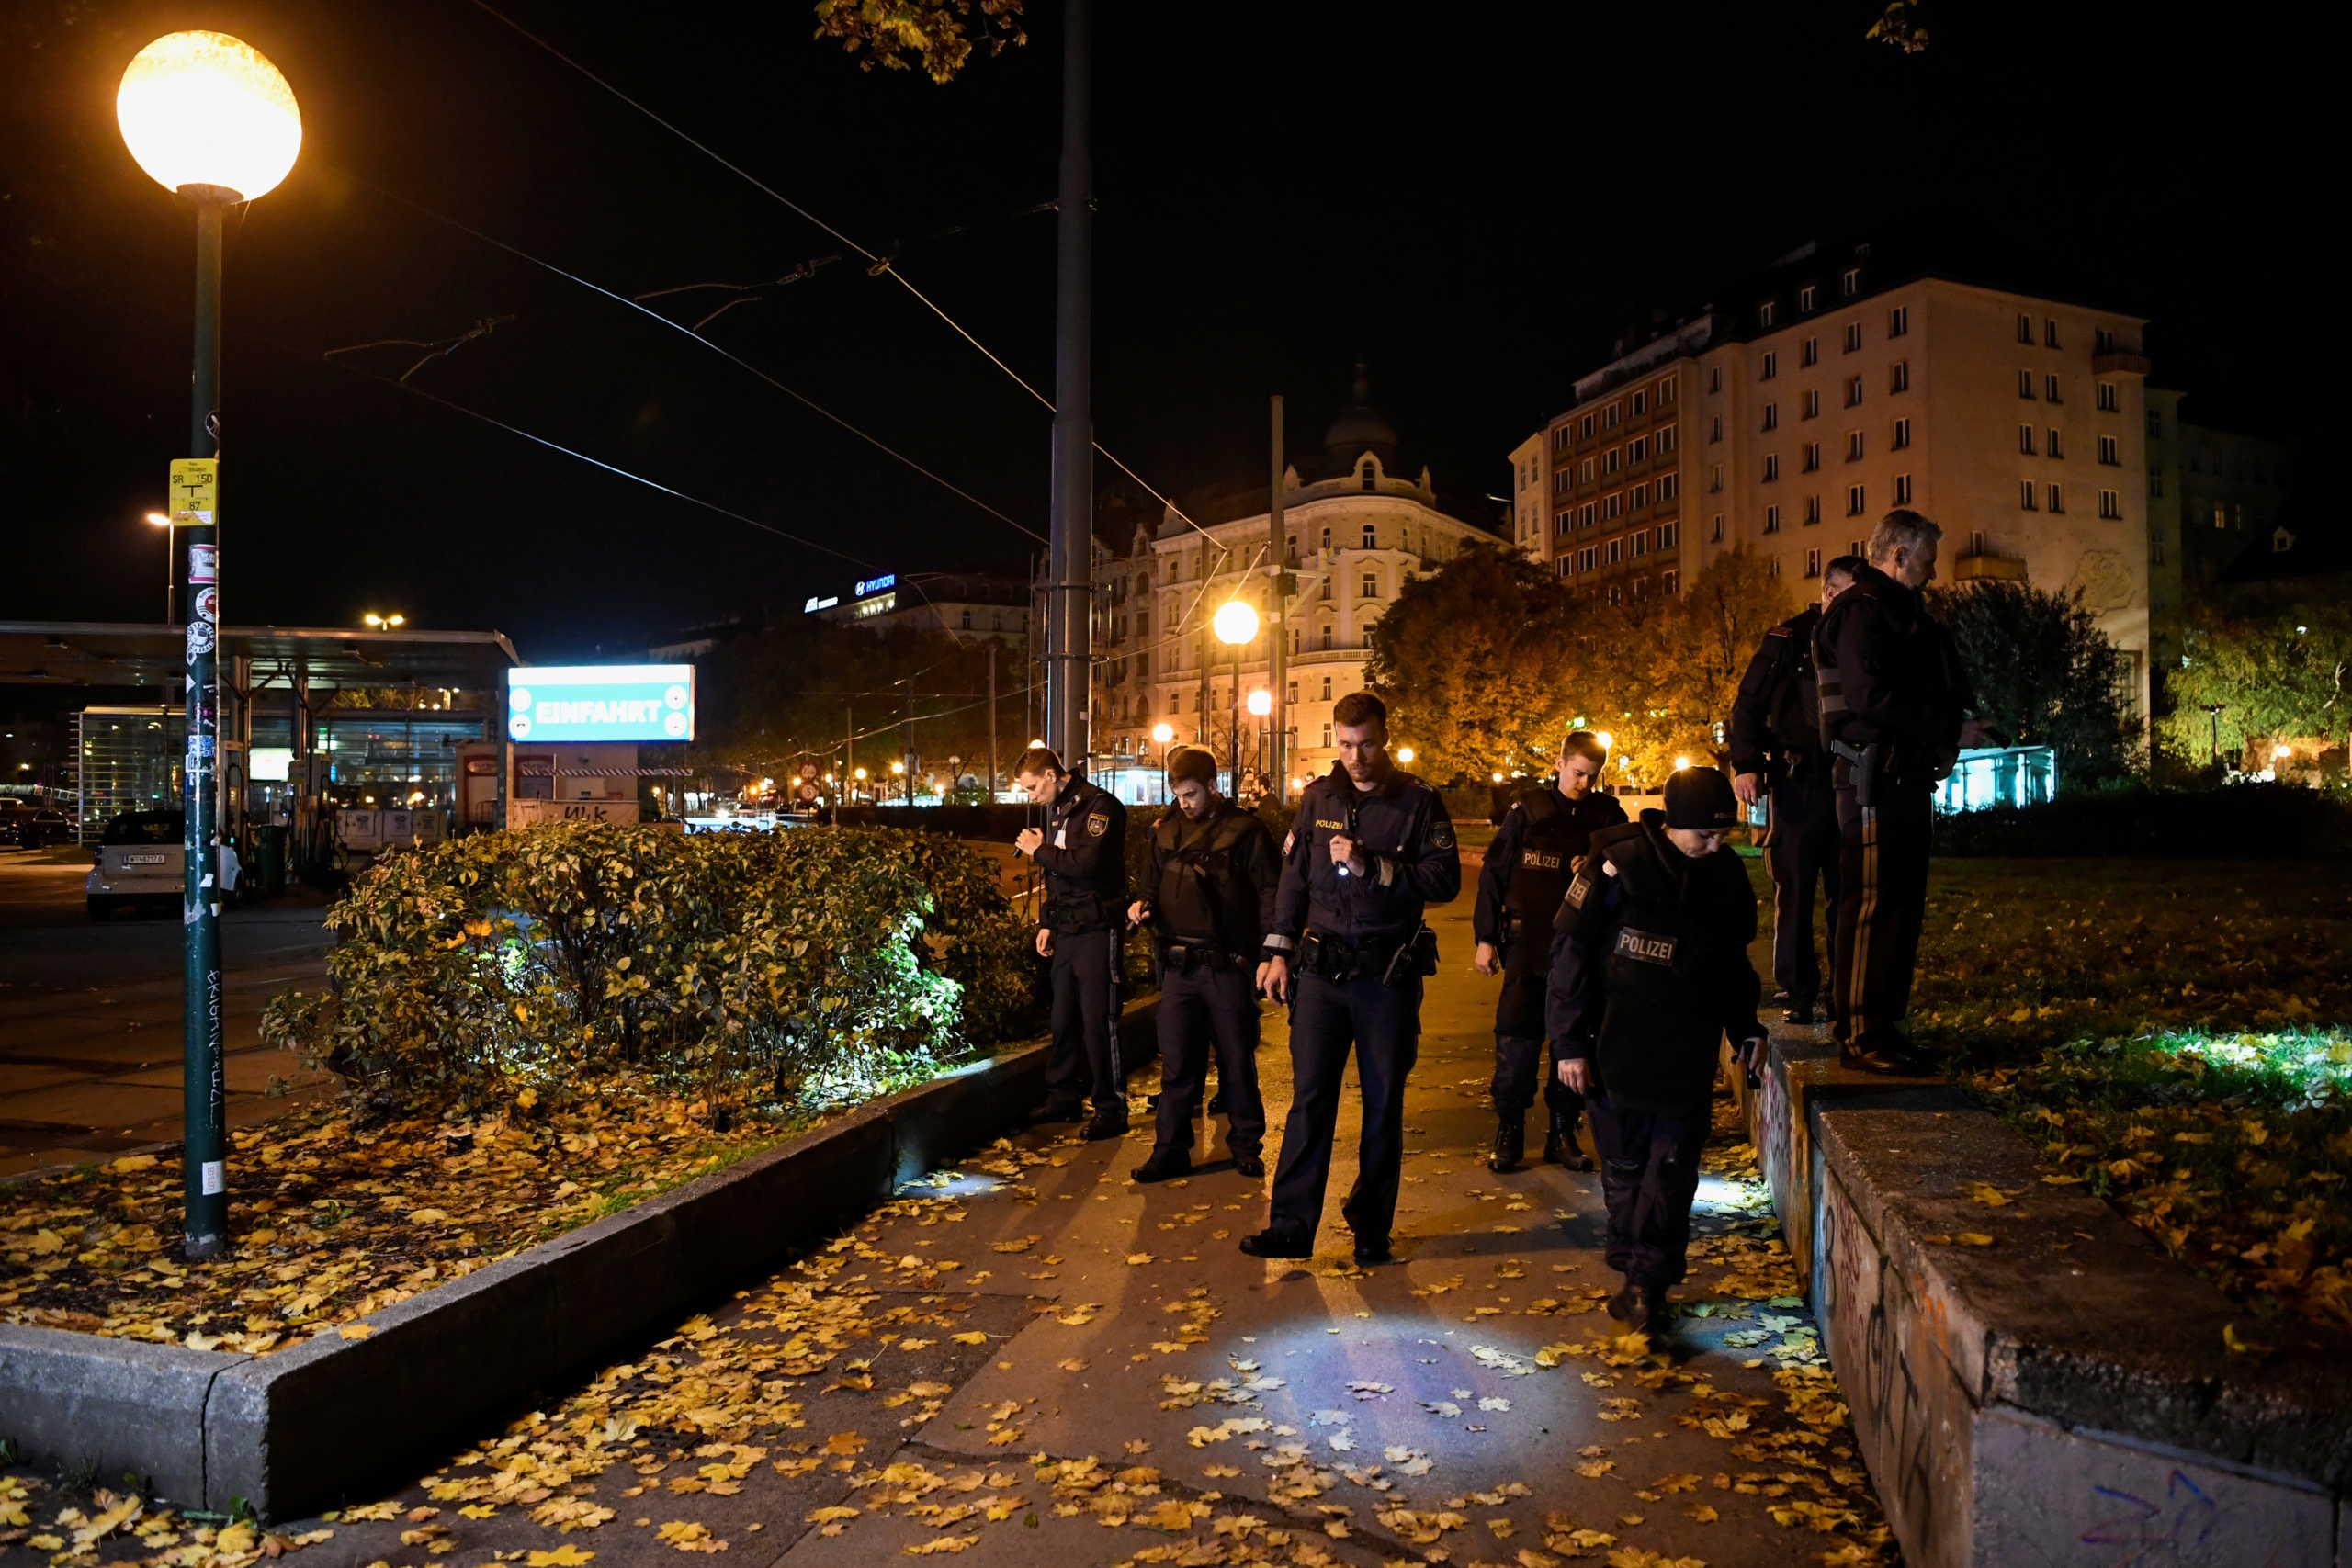 Τρομοκρατική επίθεση στη Βιέννη: Λάθος των αρχών ασφαλείας παραδέχτηκε ο υπουργός Εσωτερικών